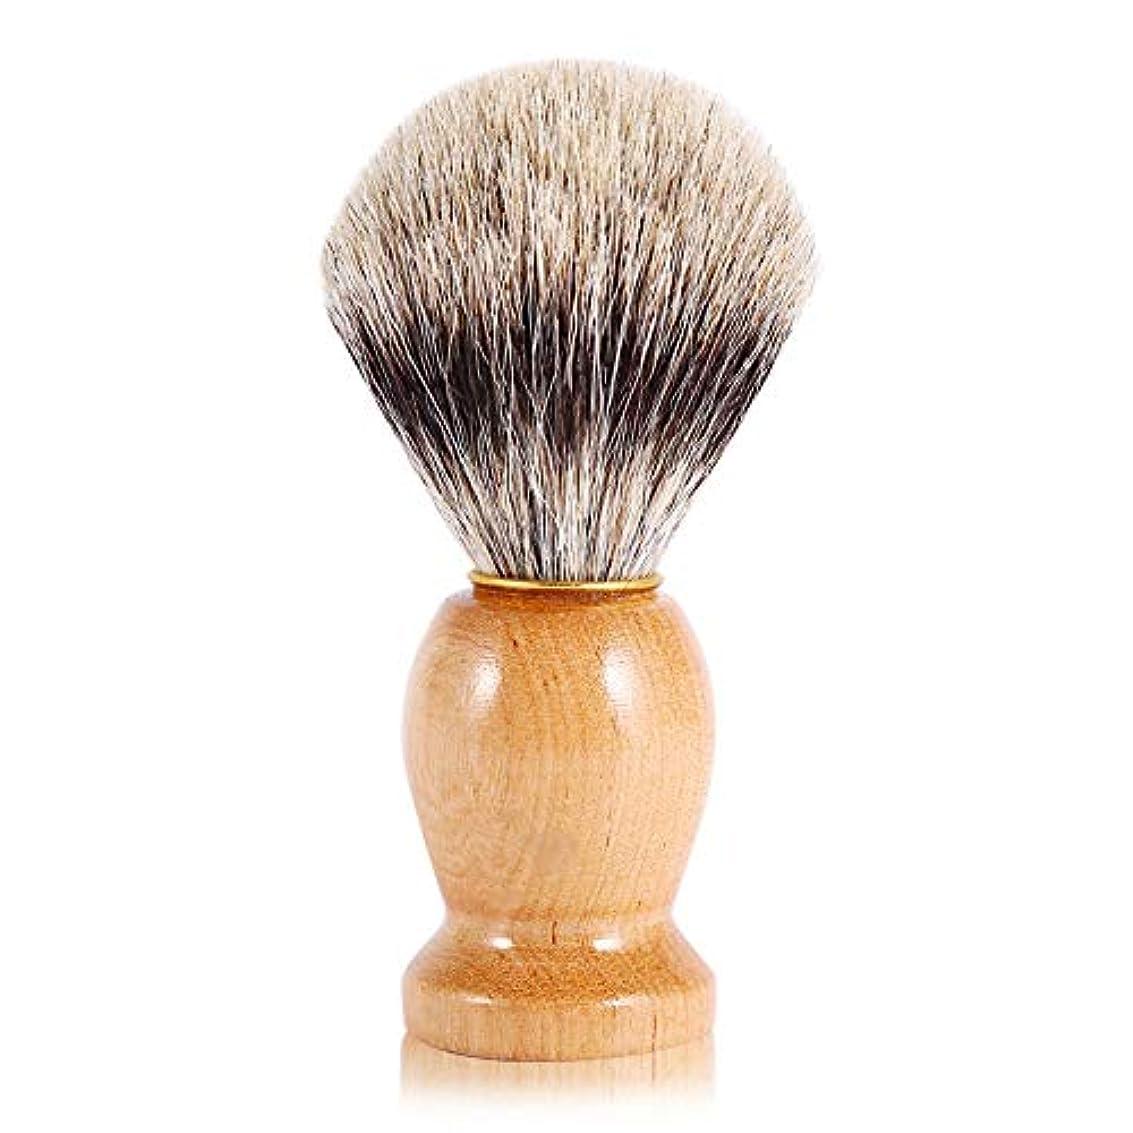 マイクロフォン知り合いうんざりQinlorgo シェービングブラシ メンズ シェービングブラシ あご髭シェービングブラシ フェイシャルクリーニングブラシ バーバーサロンツール 男性用髭剃り用